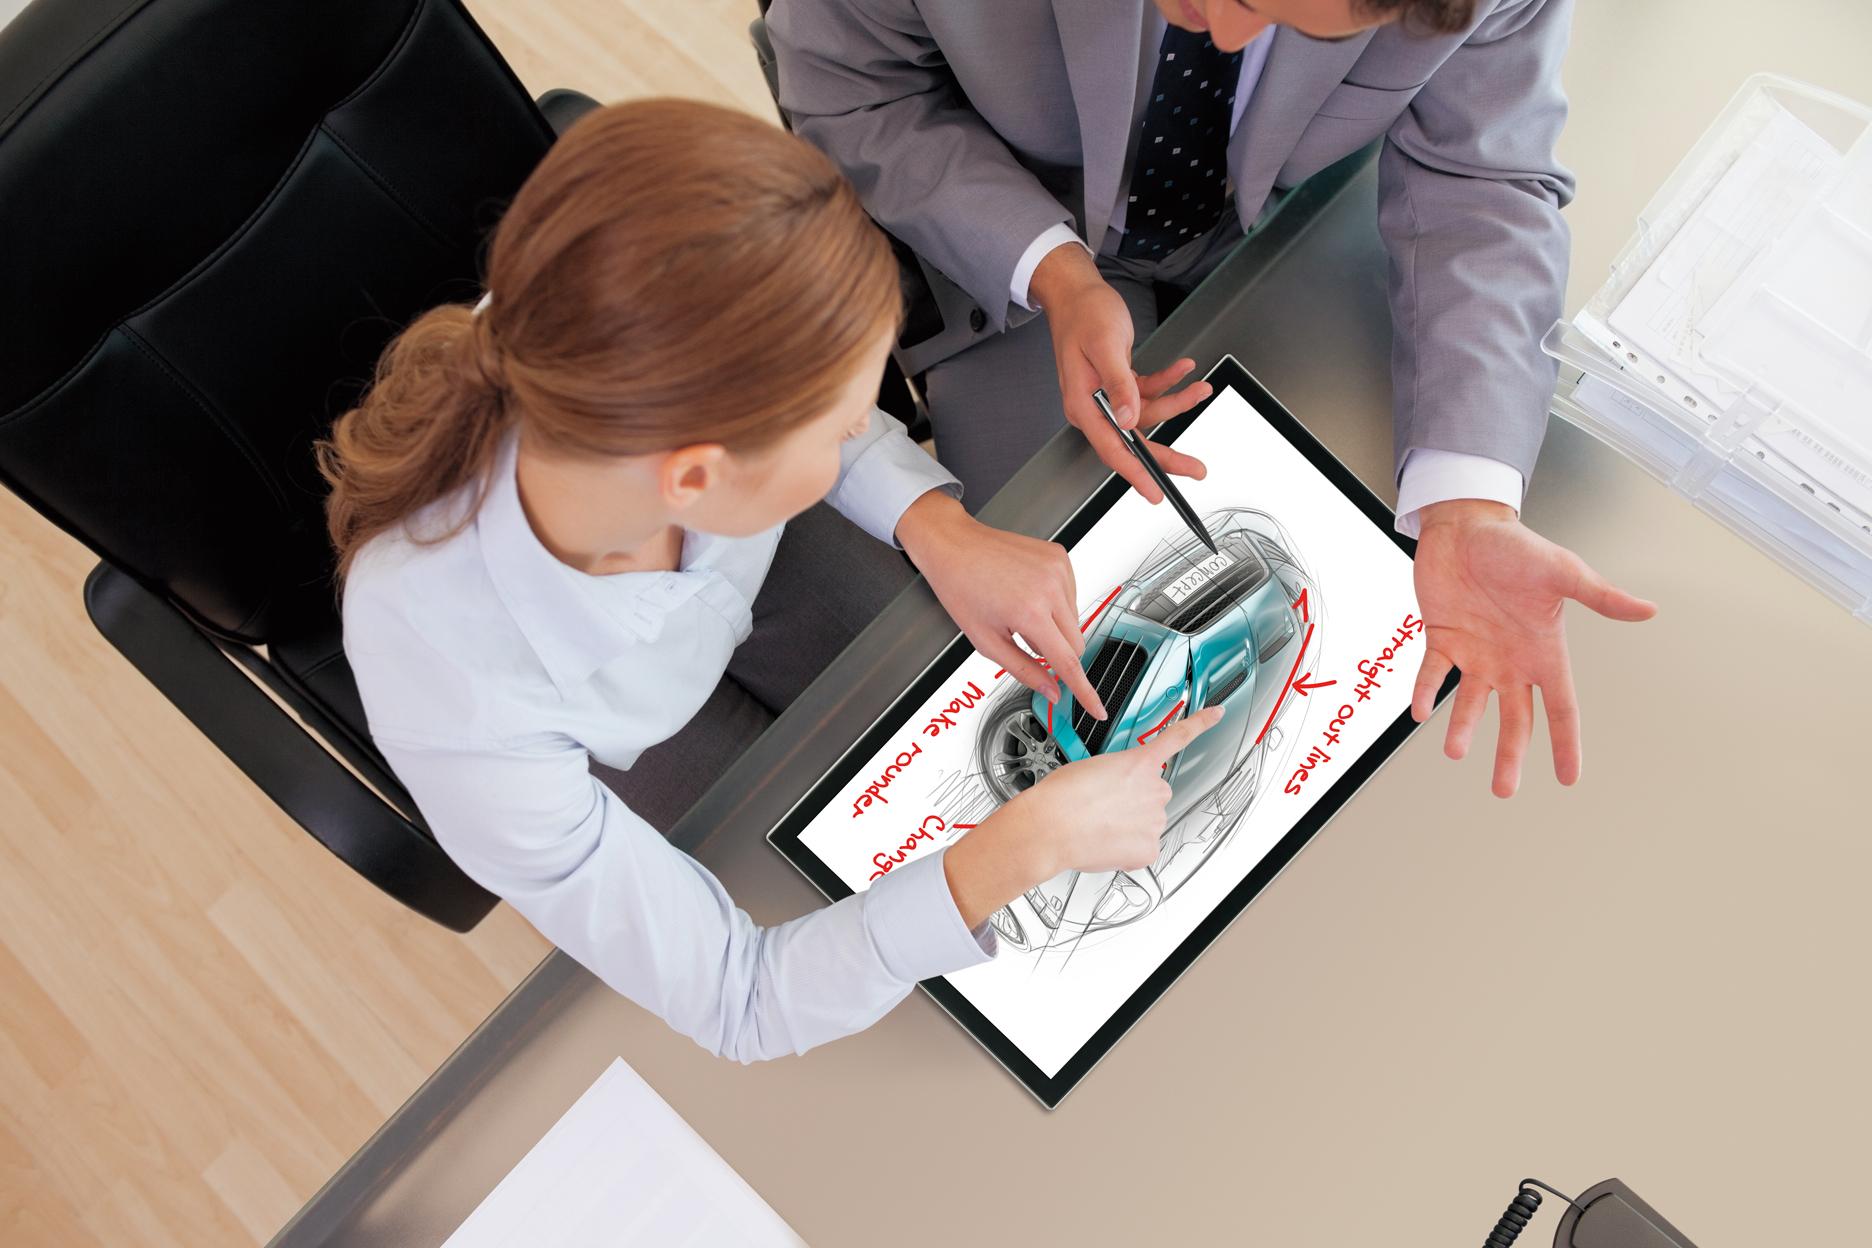 Женщина и мужчина работают на сенсорном ПК